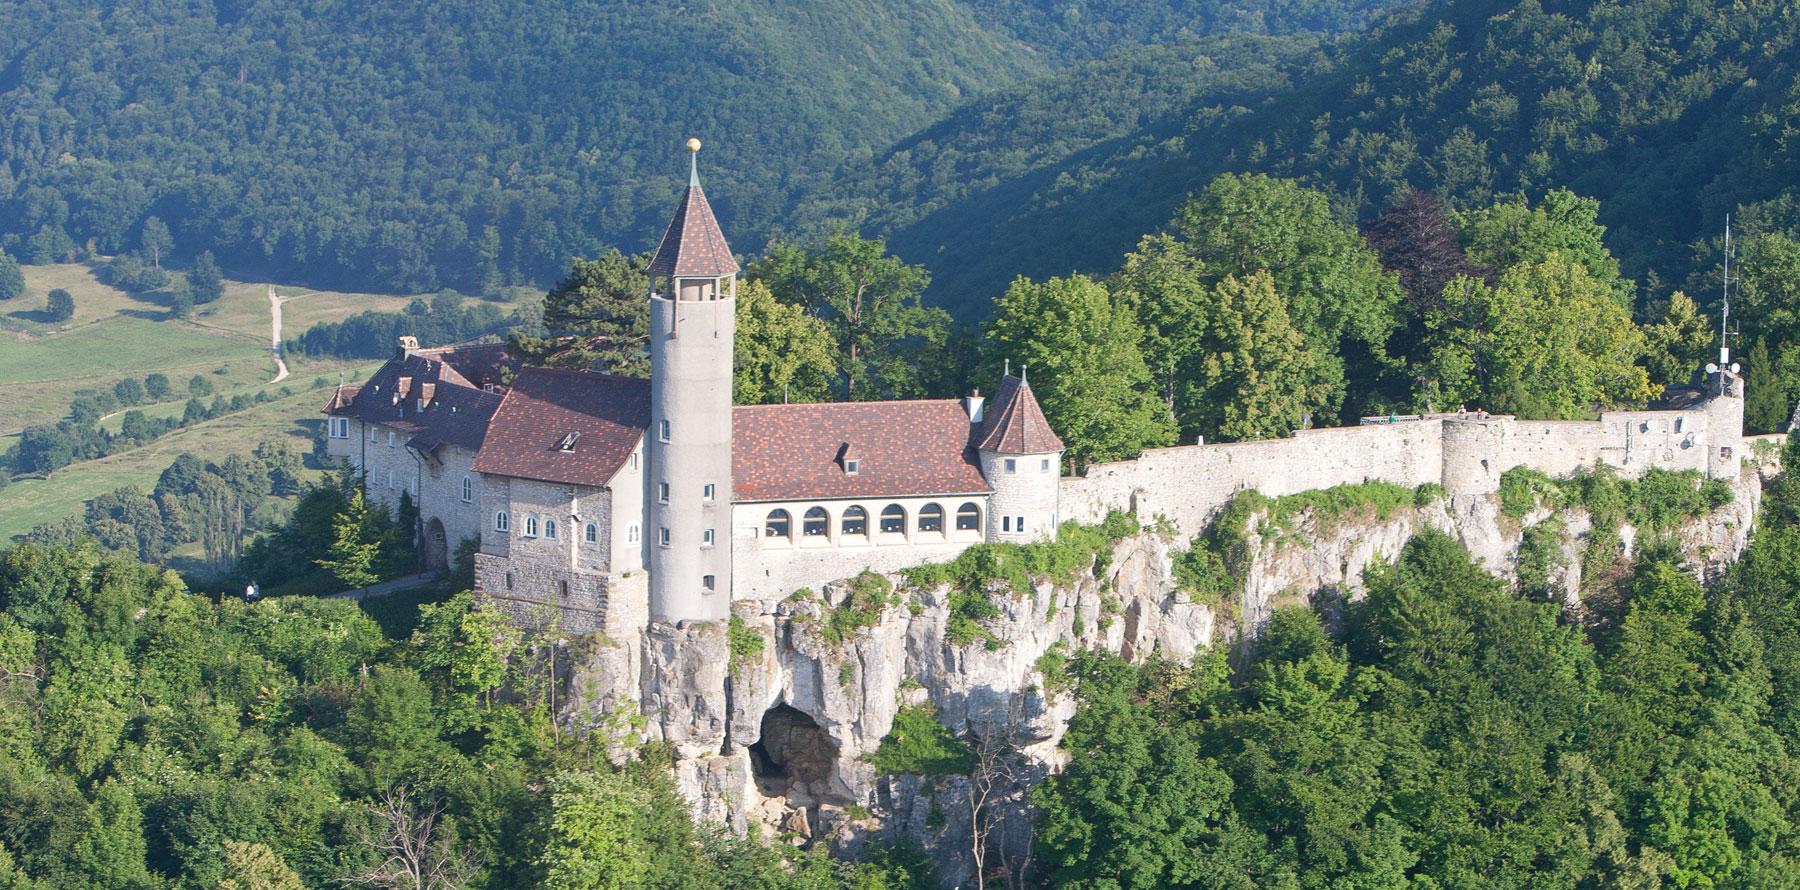 Burg Teck von oben